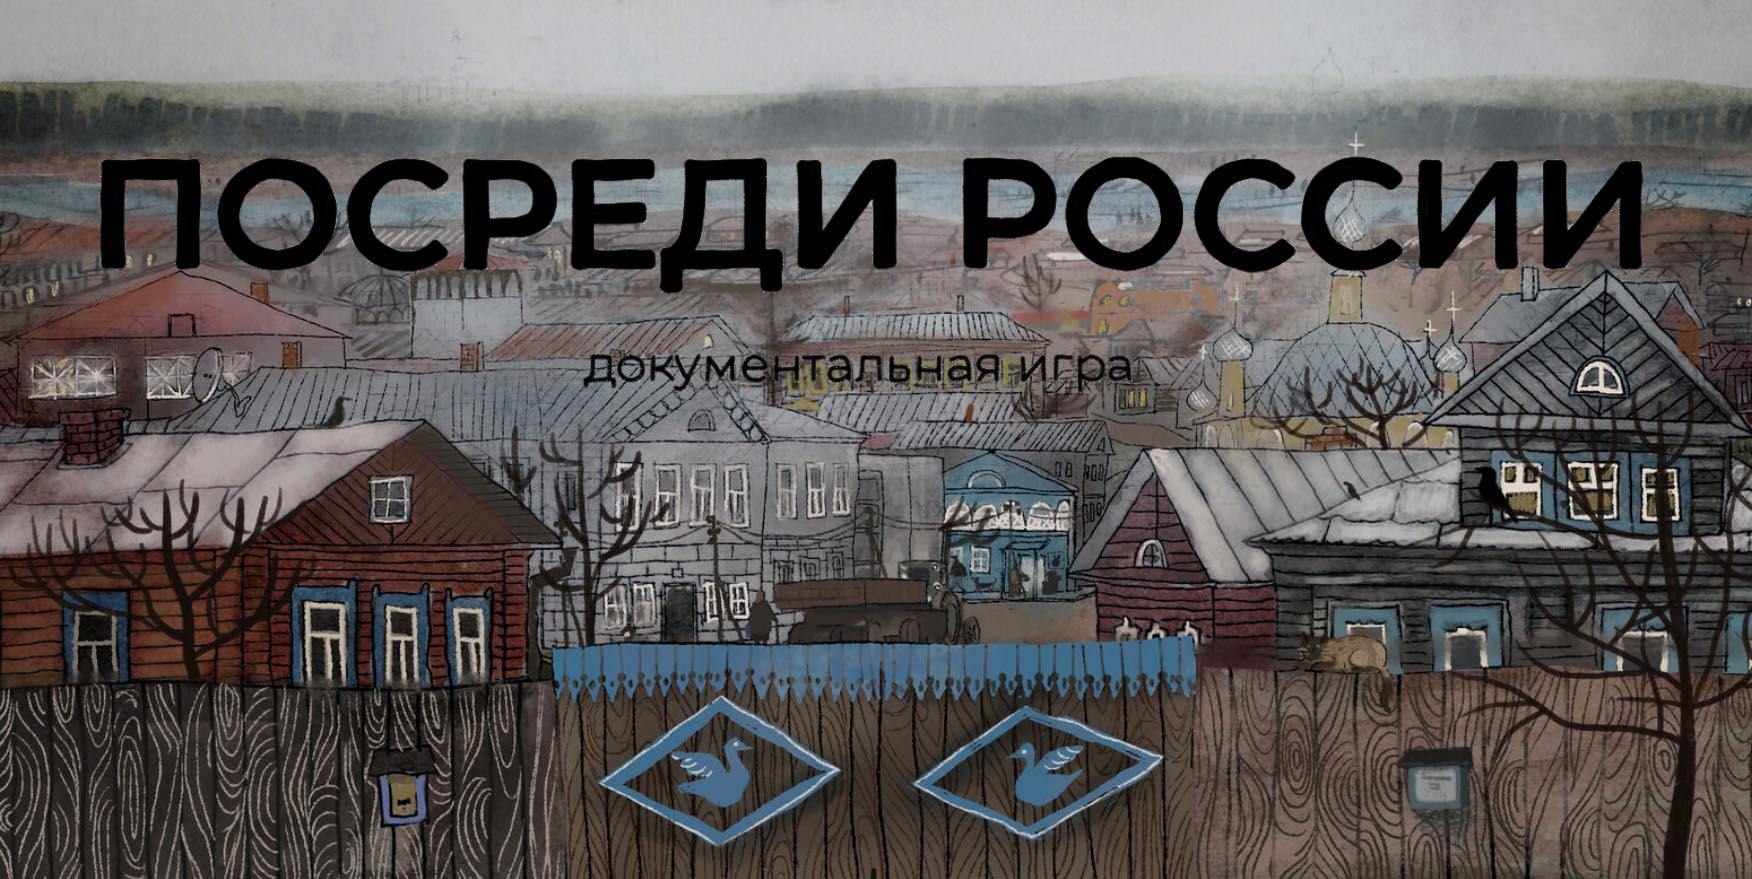 posredi-rossii-igra-pro-kologriv